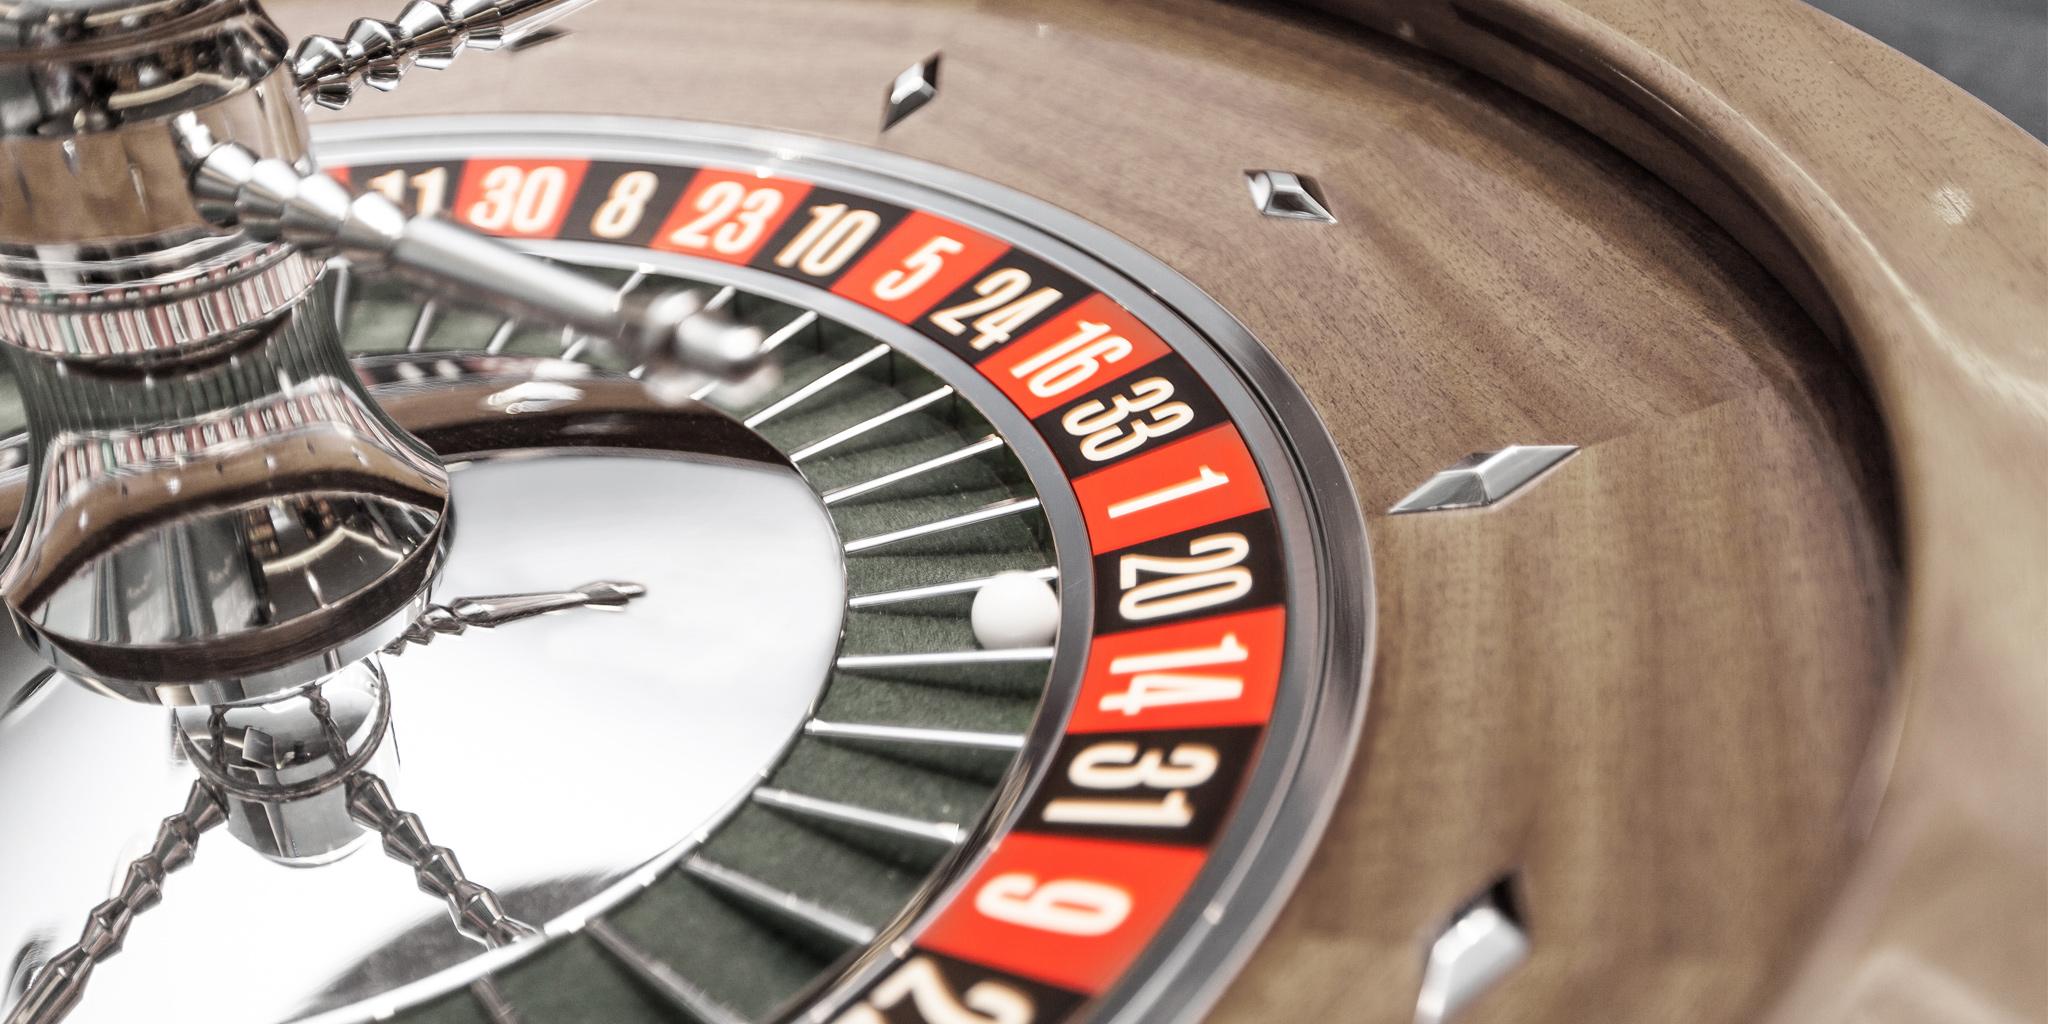 Spielbank Schenefeld das casino schenefeld casino schenefeld